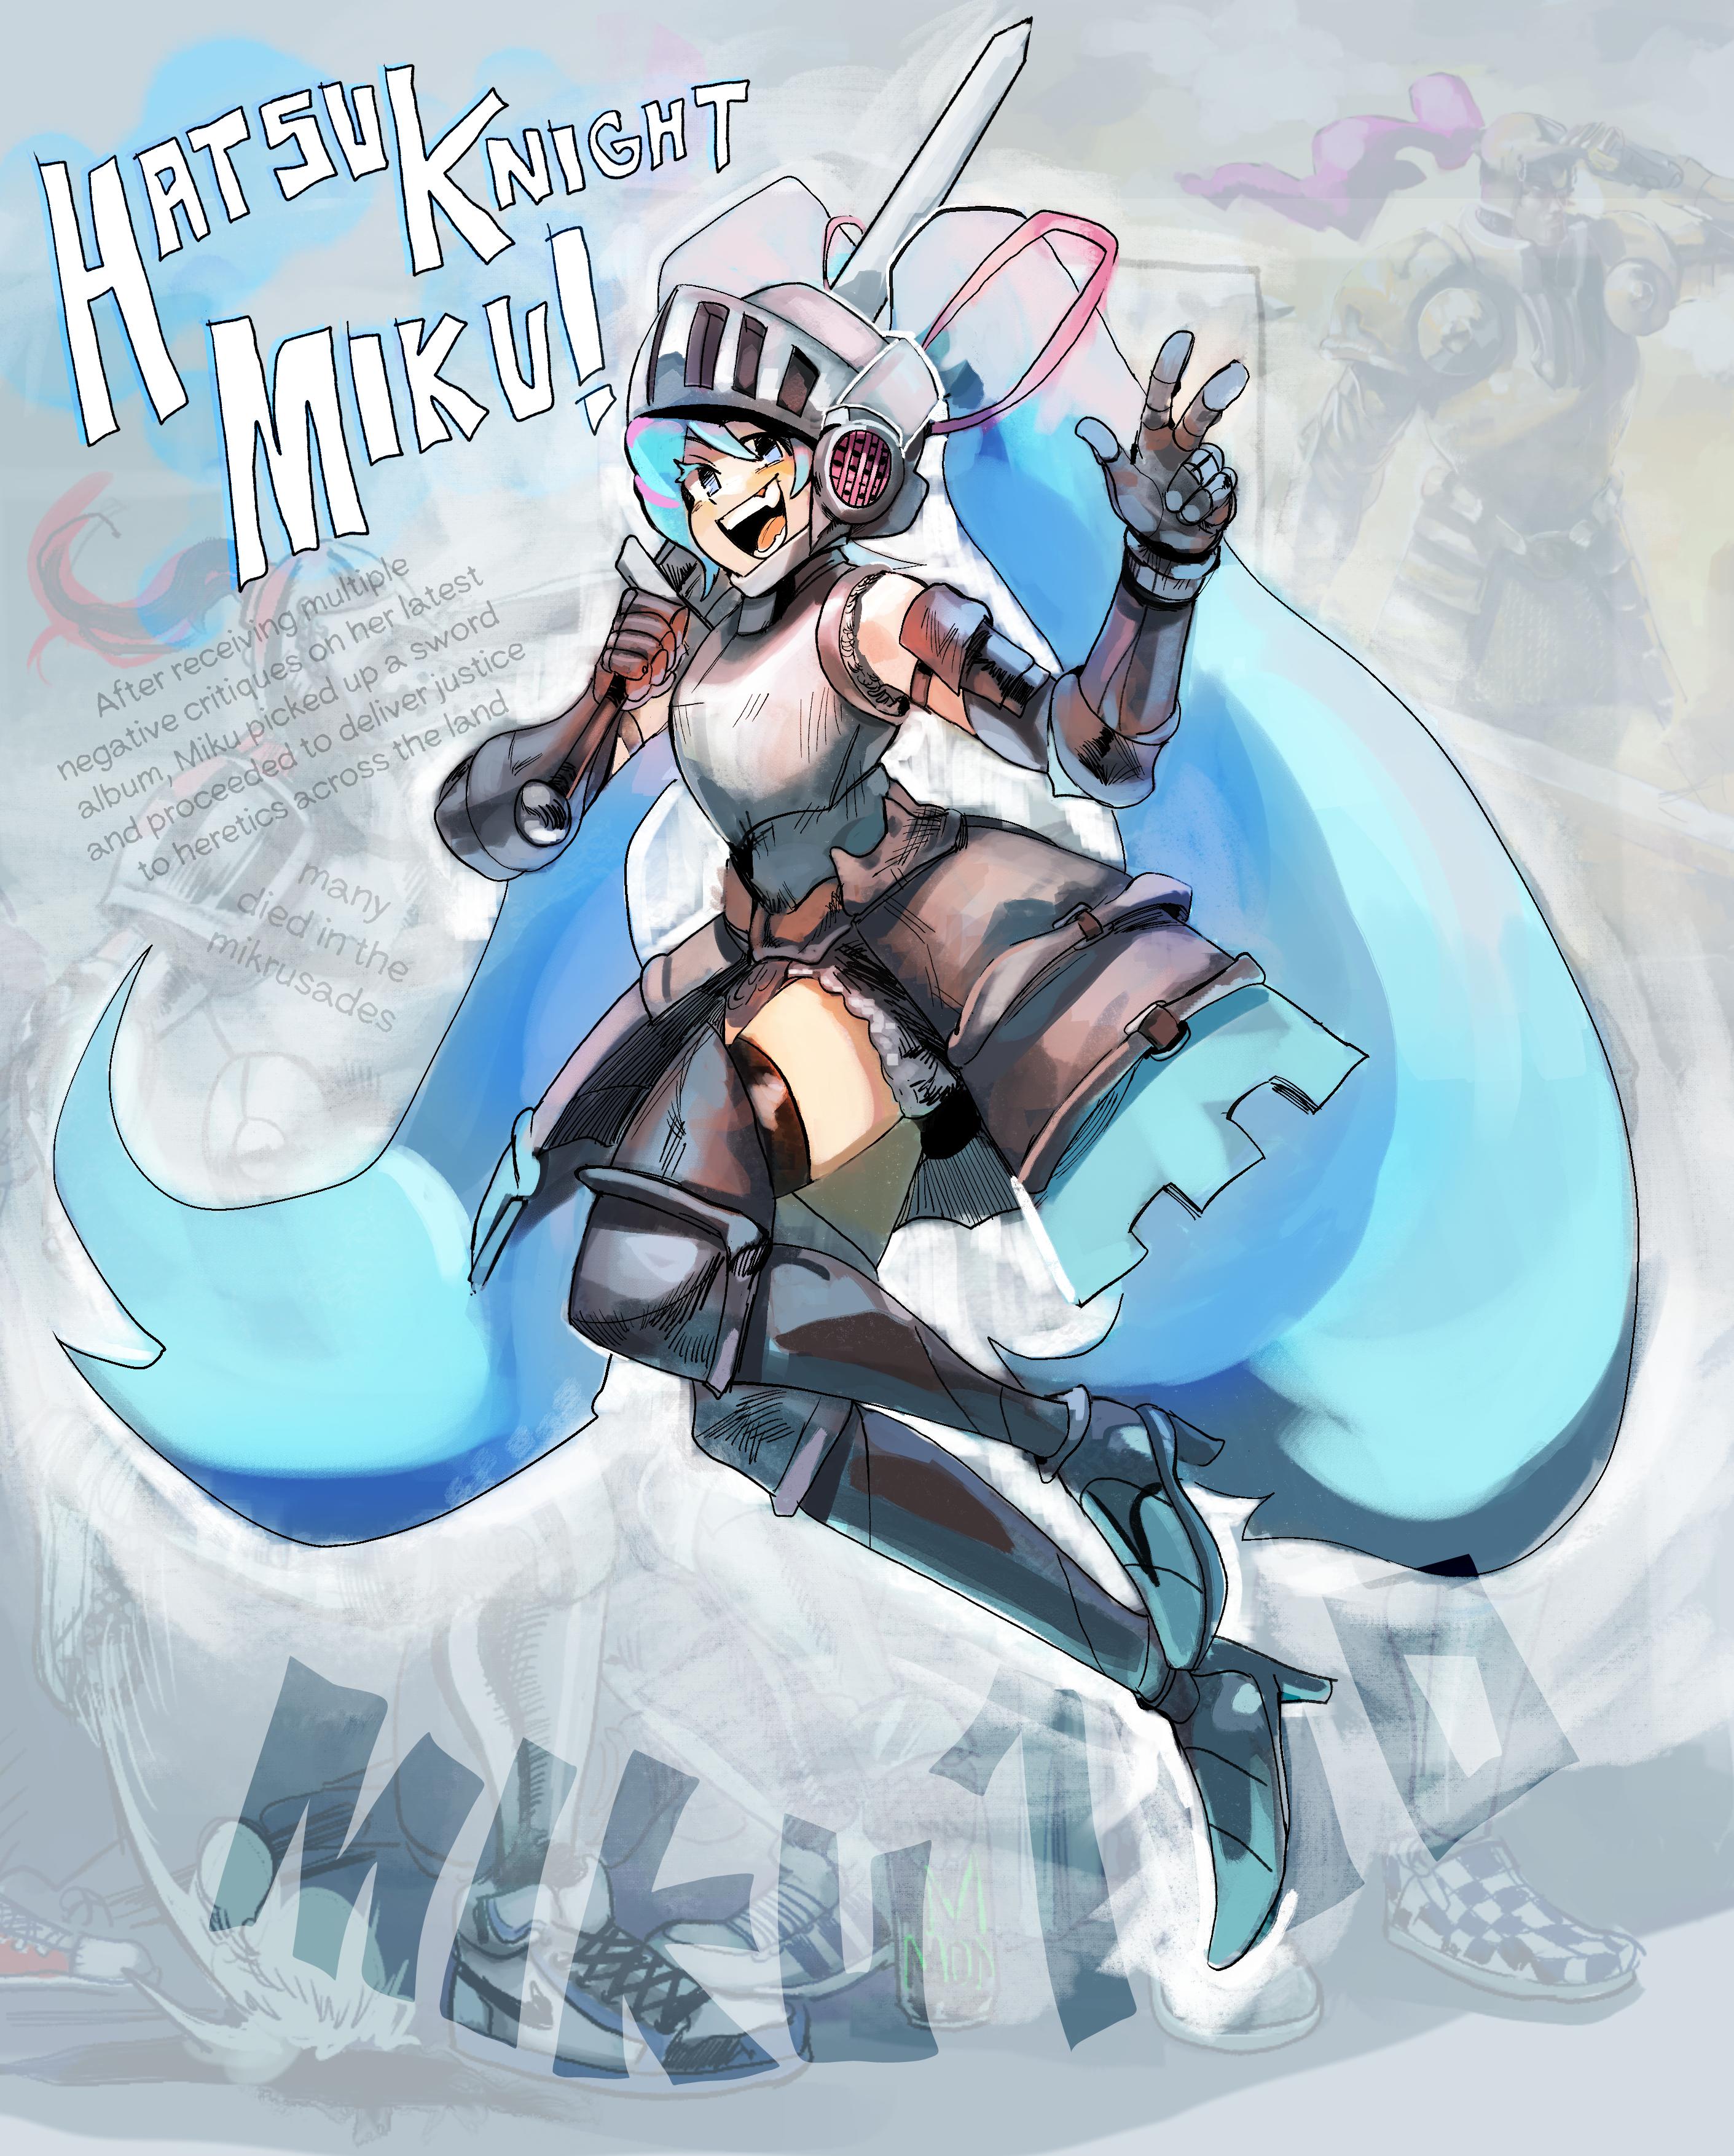 HatsuKnight Miku